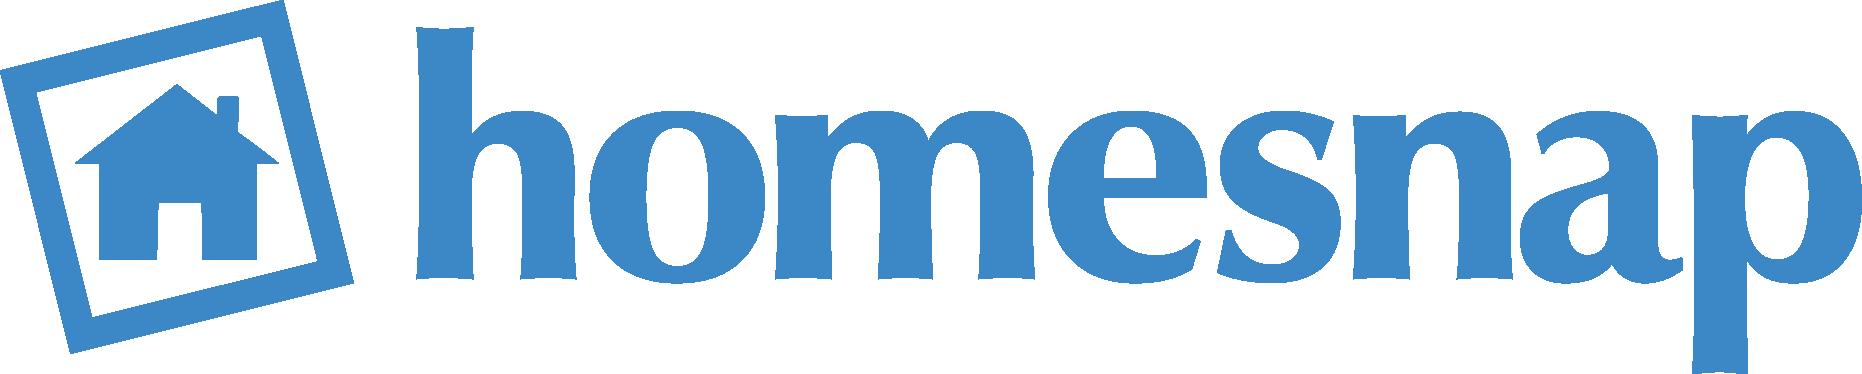 LogoHomesnap.png